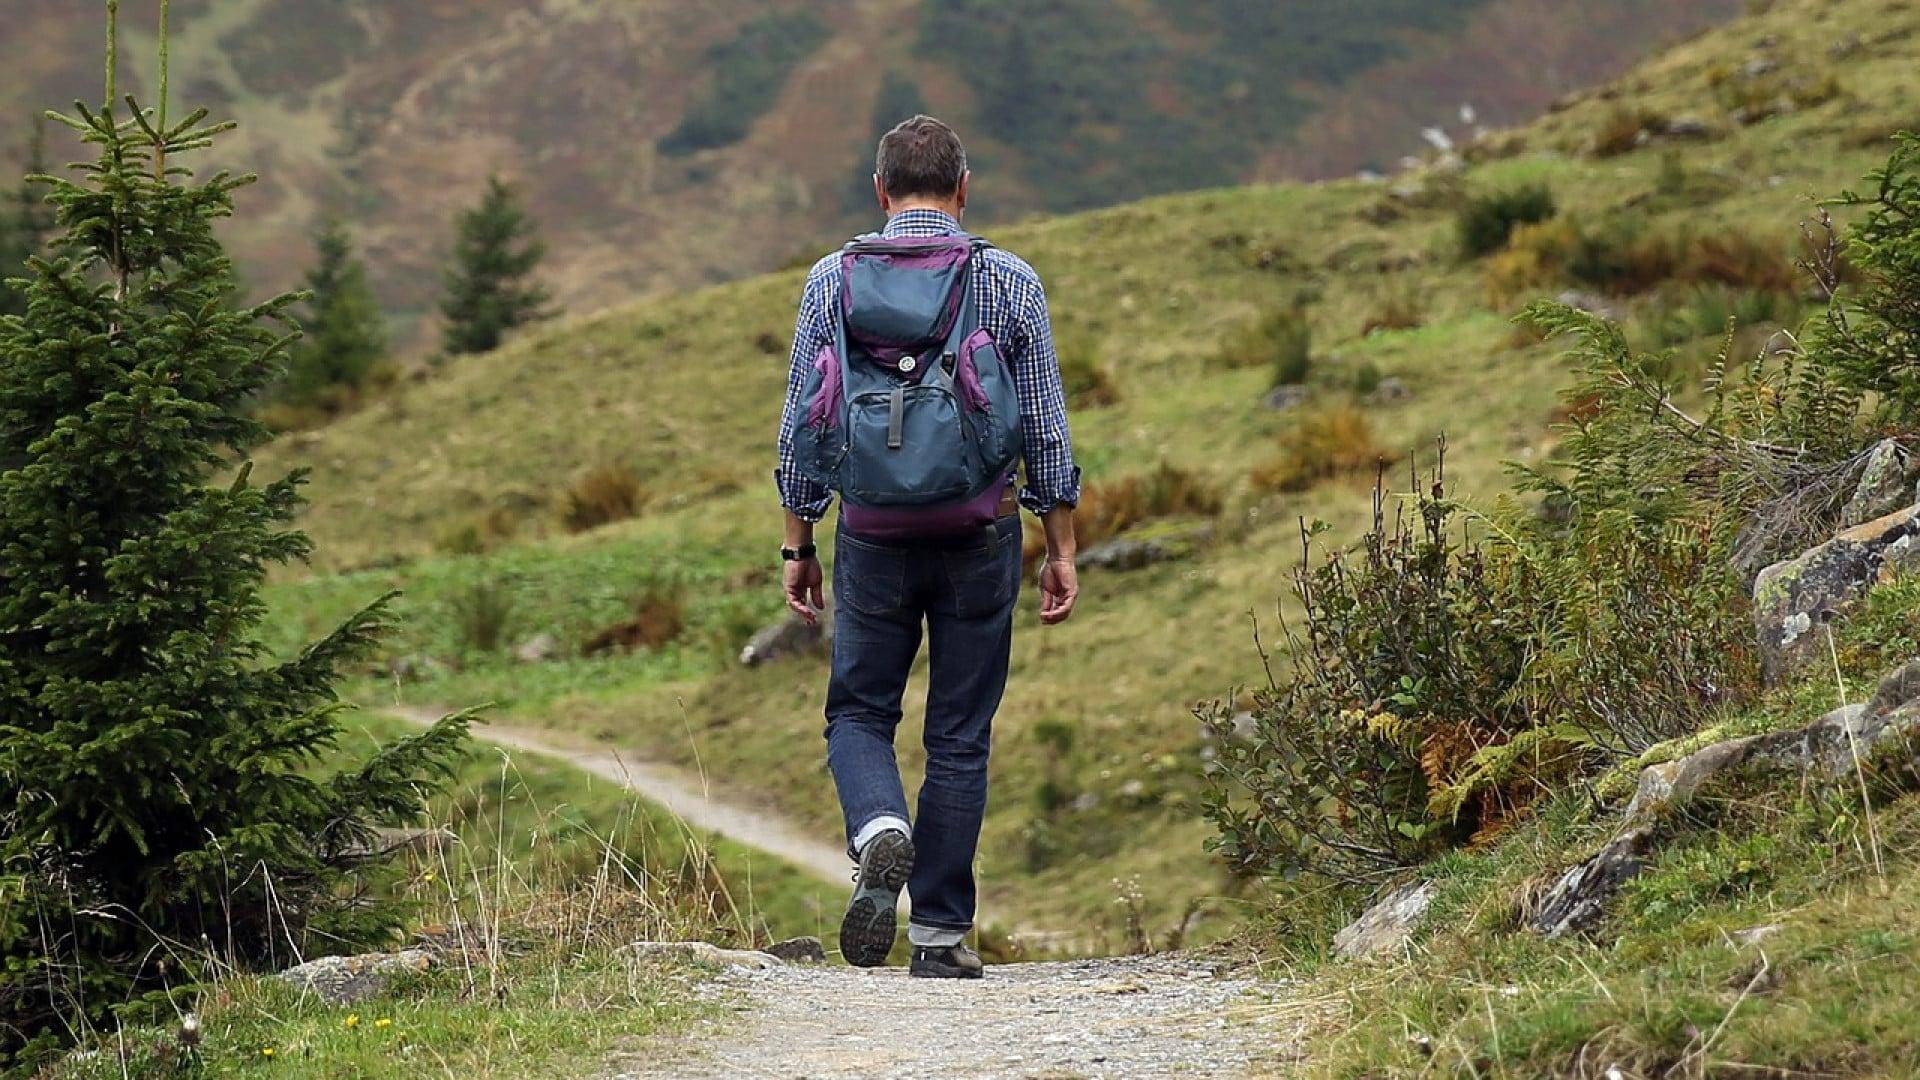 Pourquoi choisir des chaussures minimalistes pour votre randonnée ?